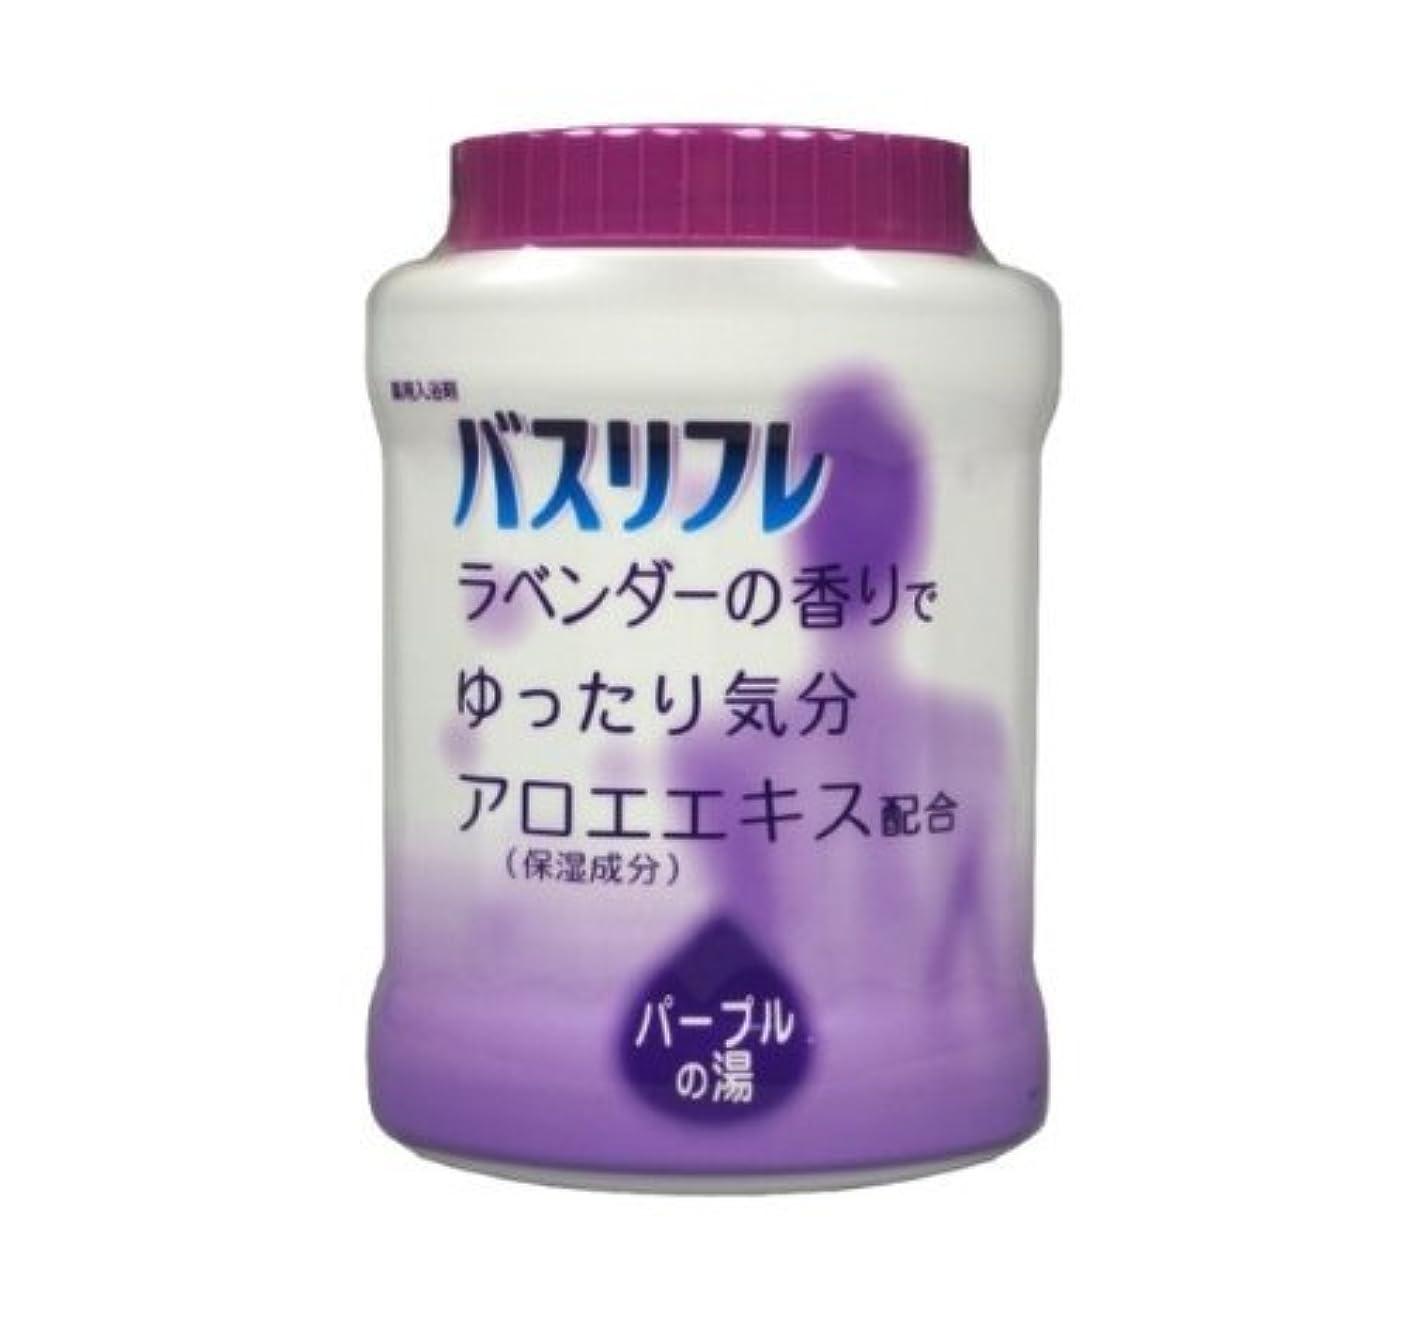 青写真津波日付バスリフレ 薬用入浴剤 ラベンダーの香り 680G Japan